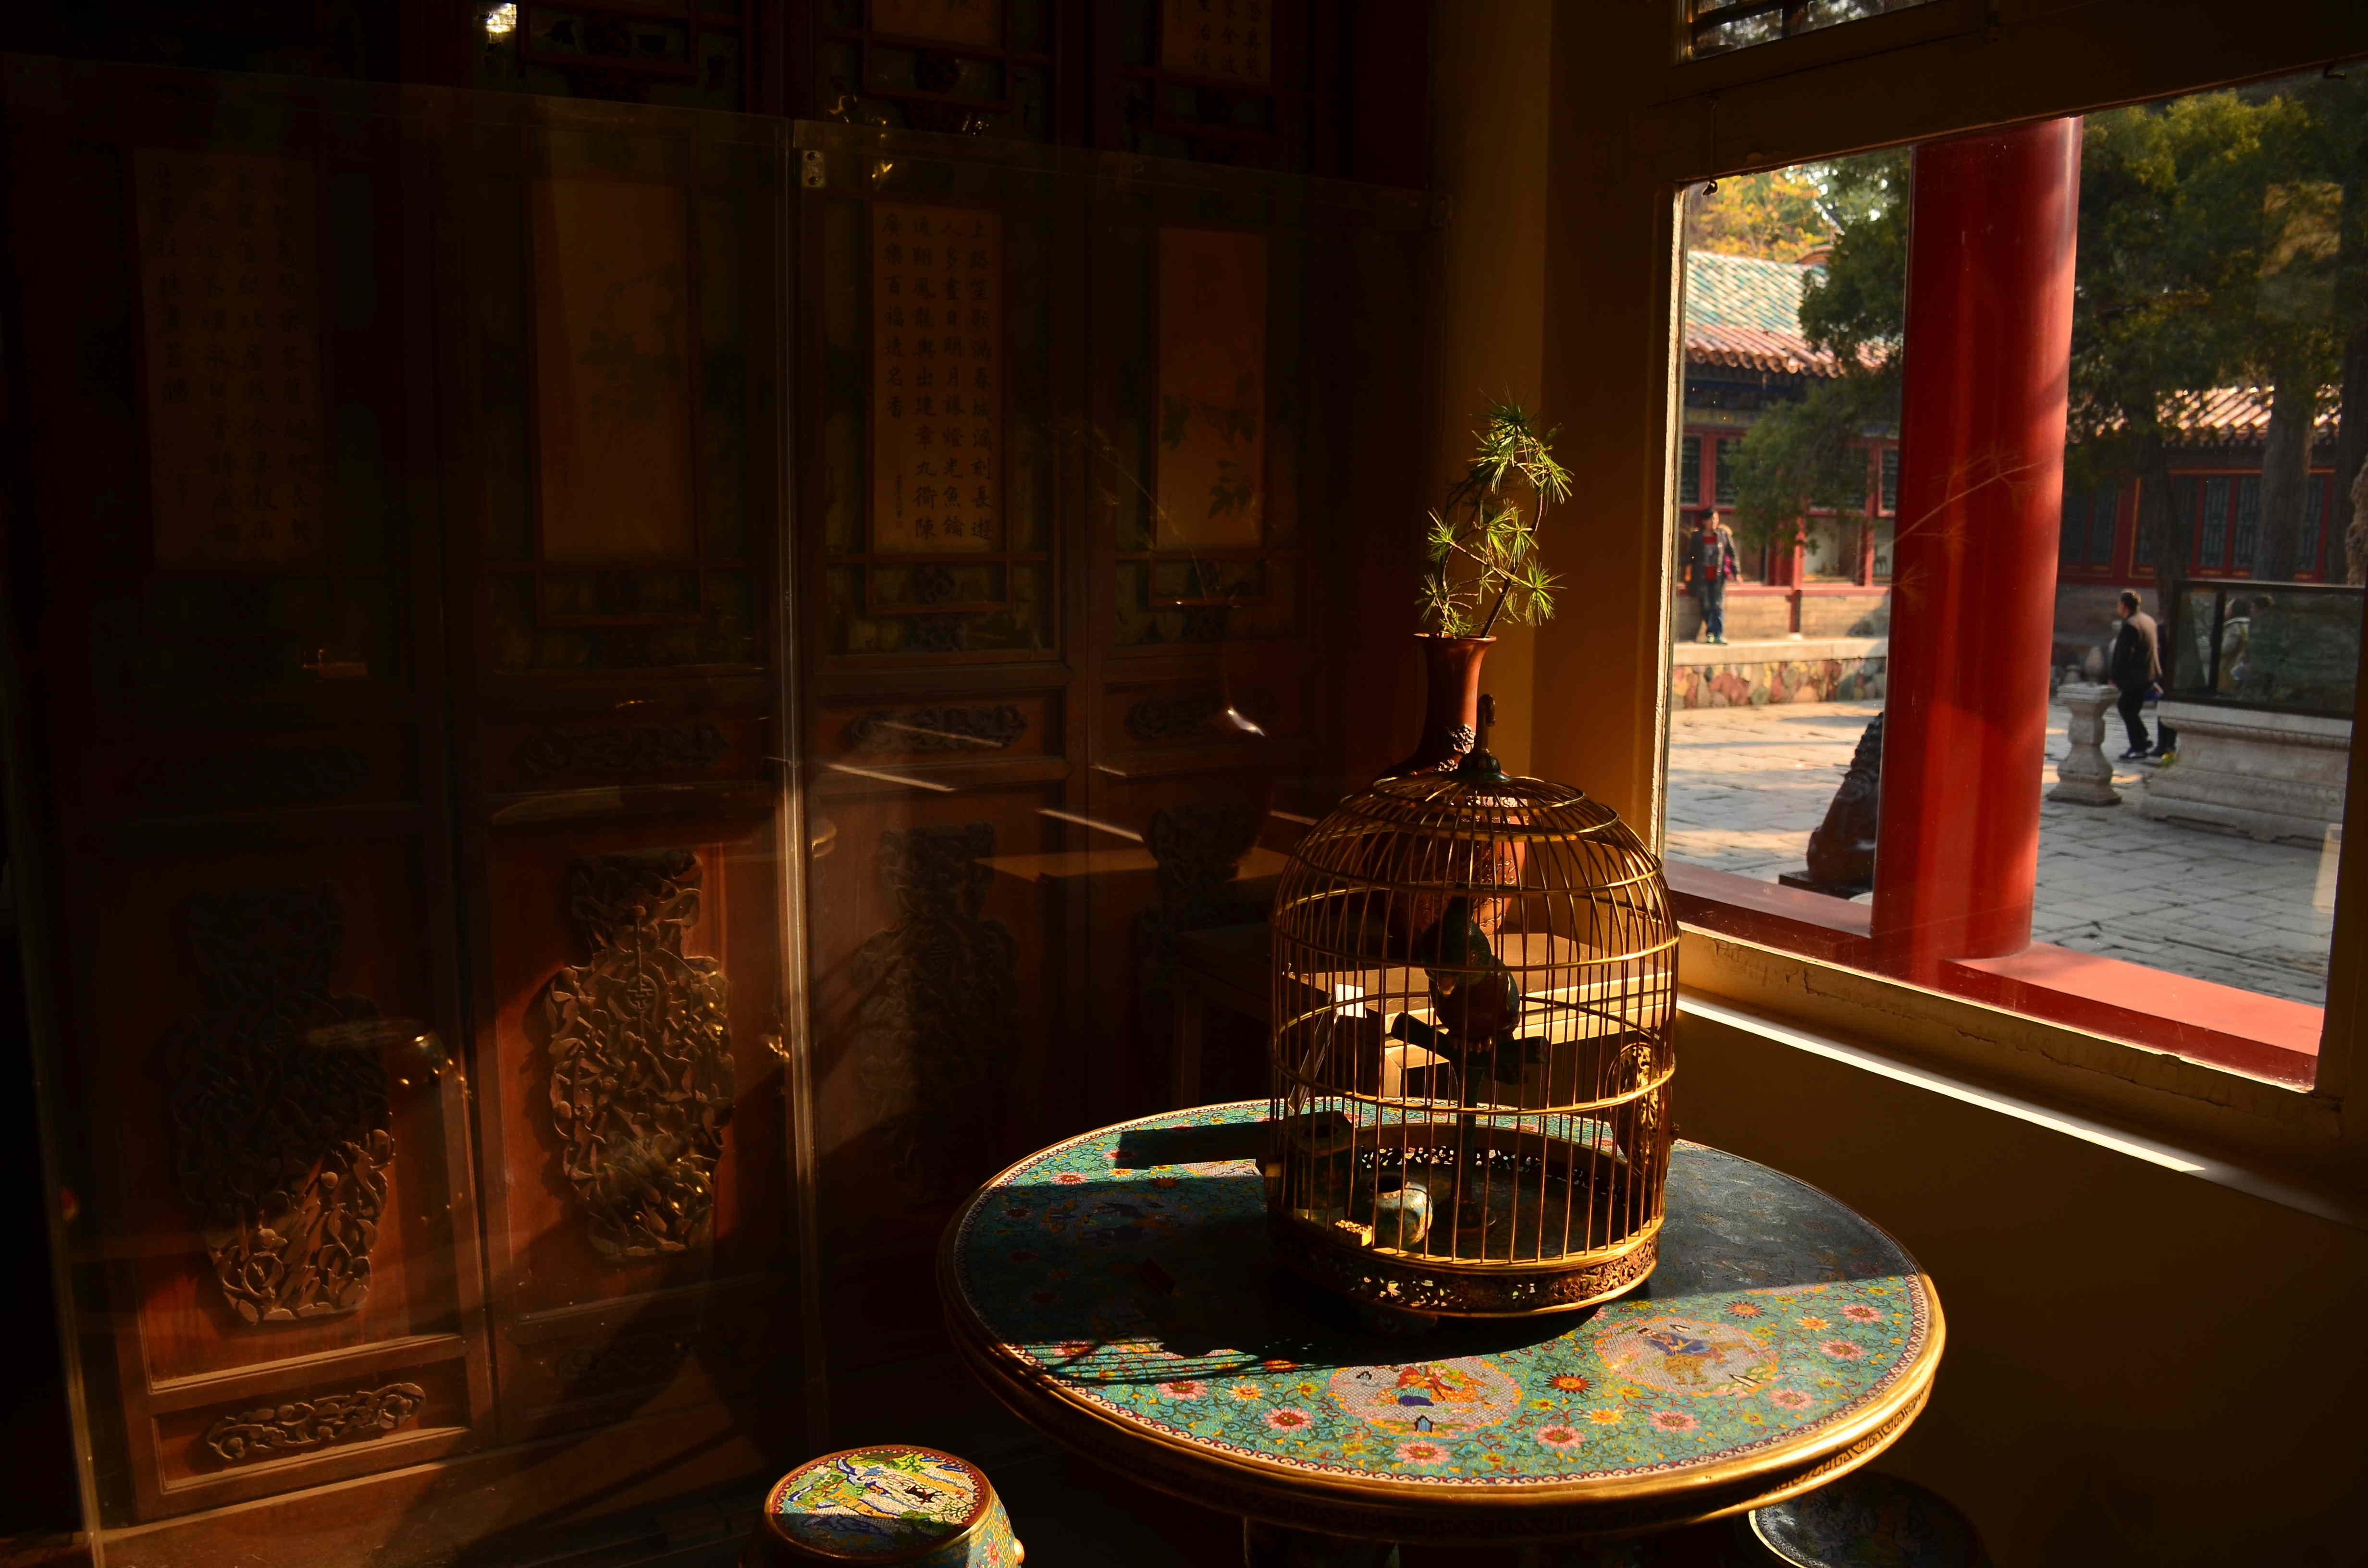 【精华景点】纯玩北京三晚四日游,故宫、长城、恭王府、天安门广场升旗、颐和园等一网打尽!